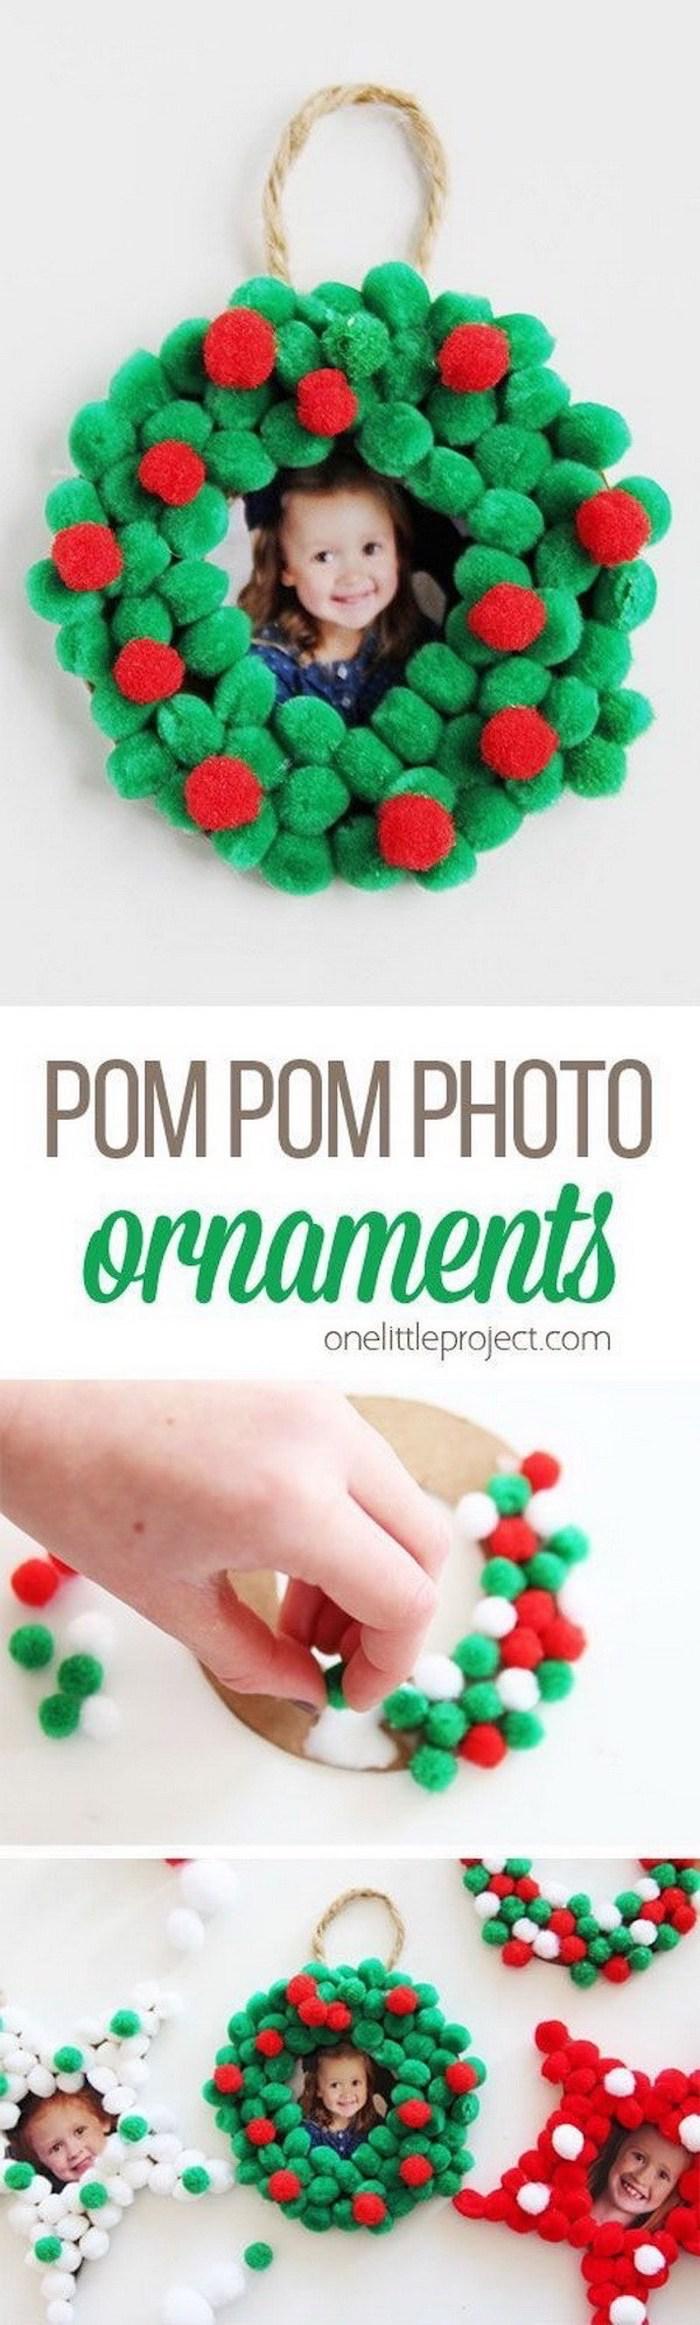 pom pom photo ornaments, christmas ornaments for kids, step by step diy tutorial, photo collage